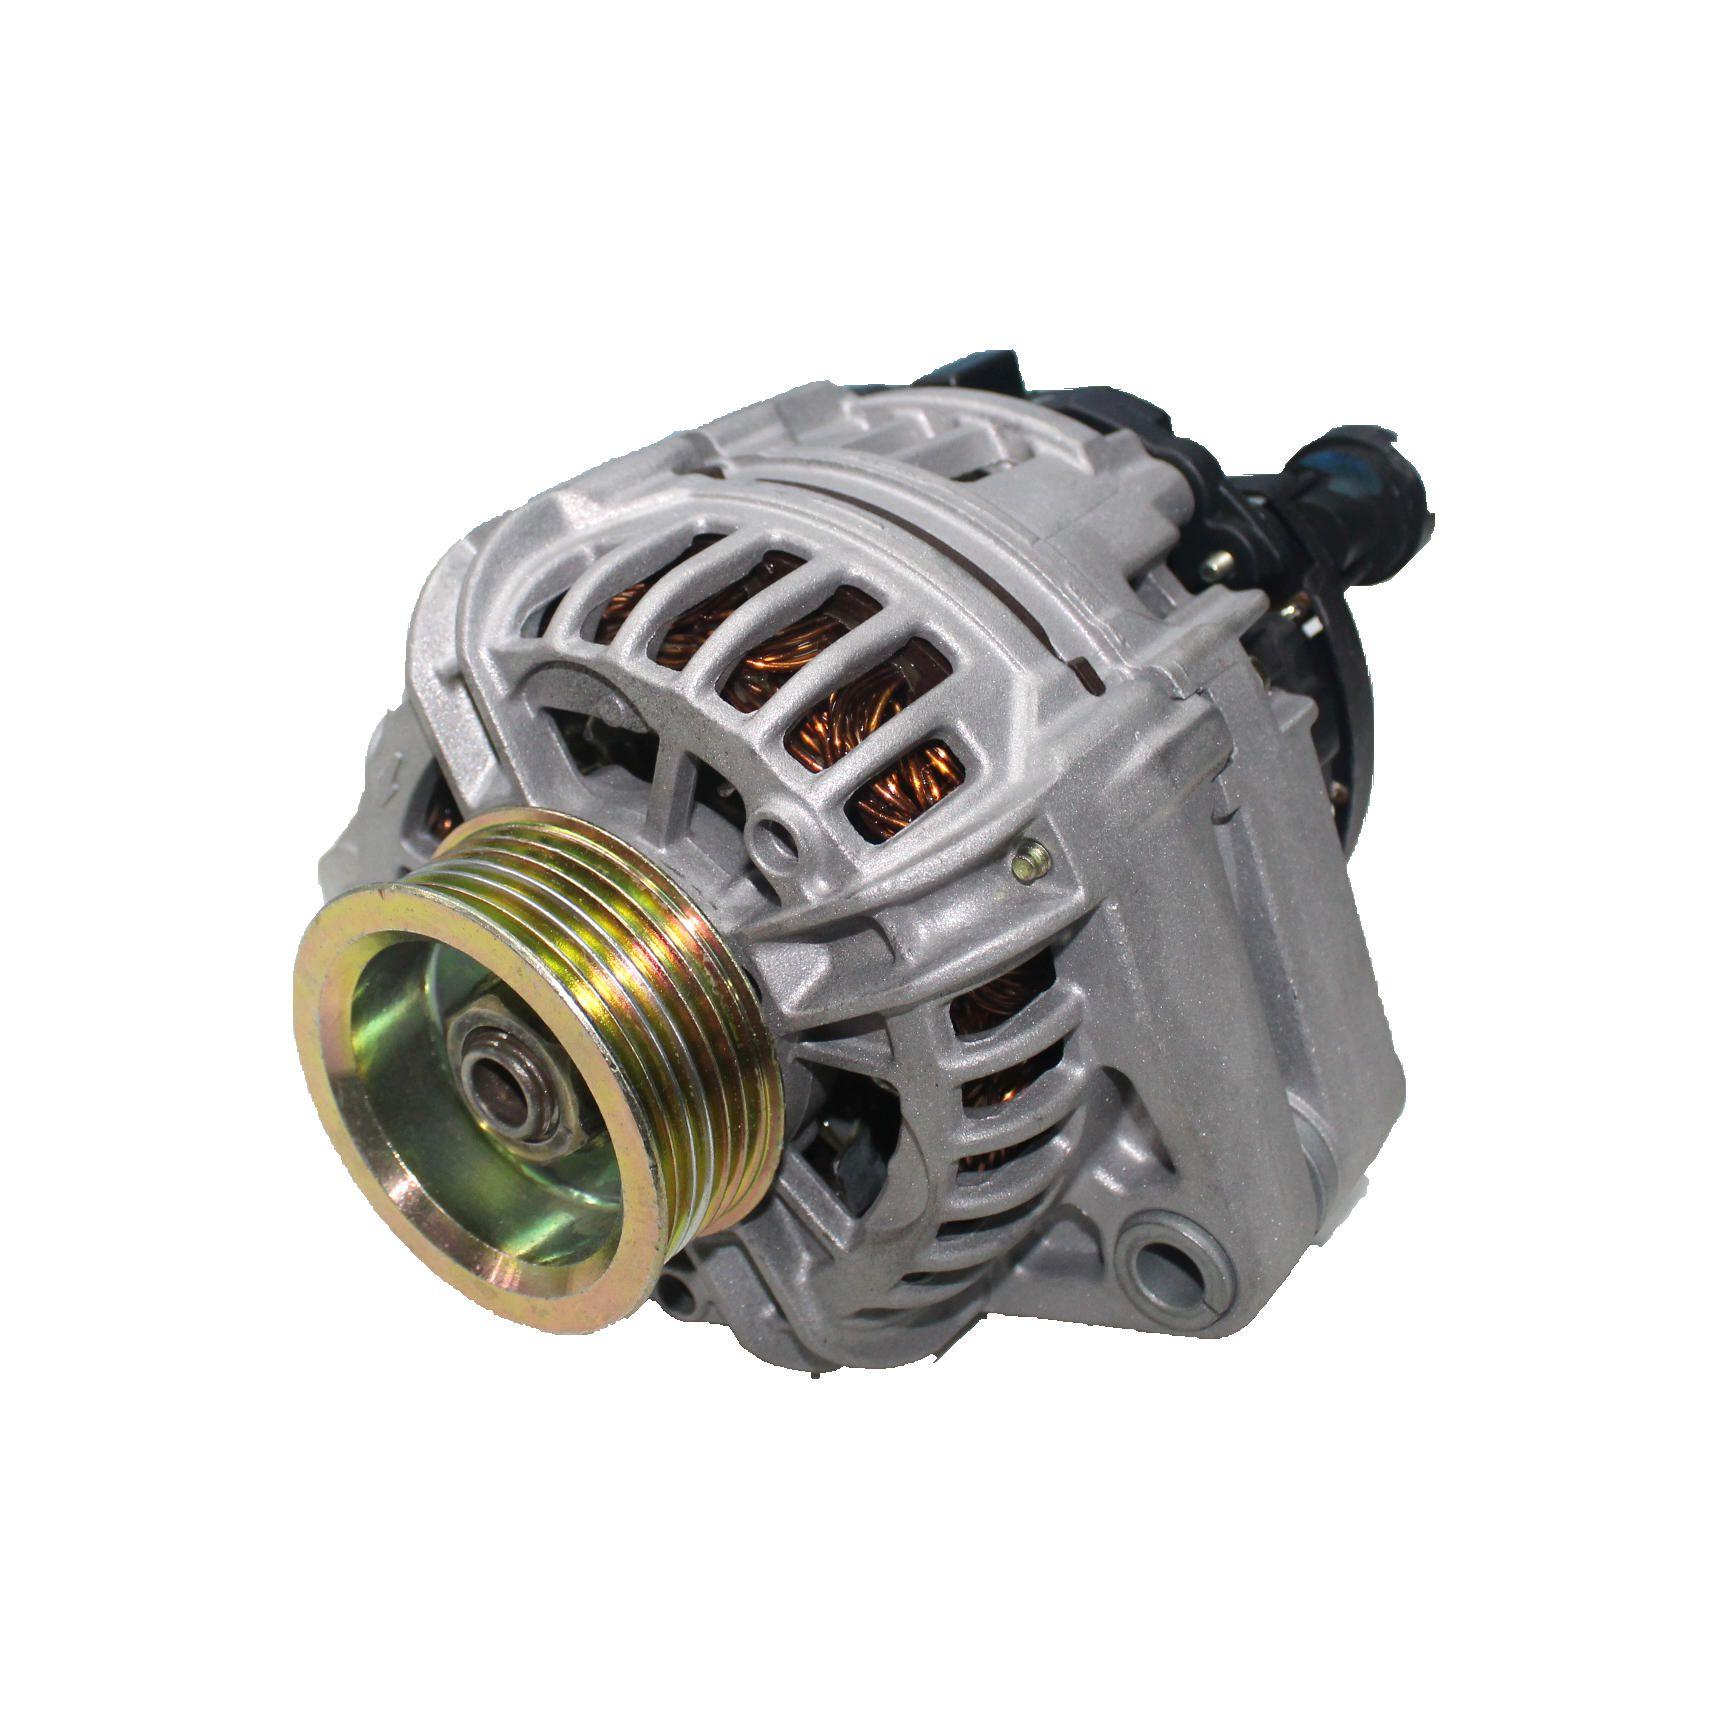 Alternador Bosch 75AH Civic 01...05 - Recondicionado